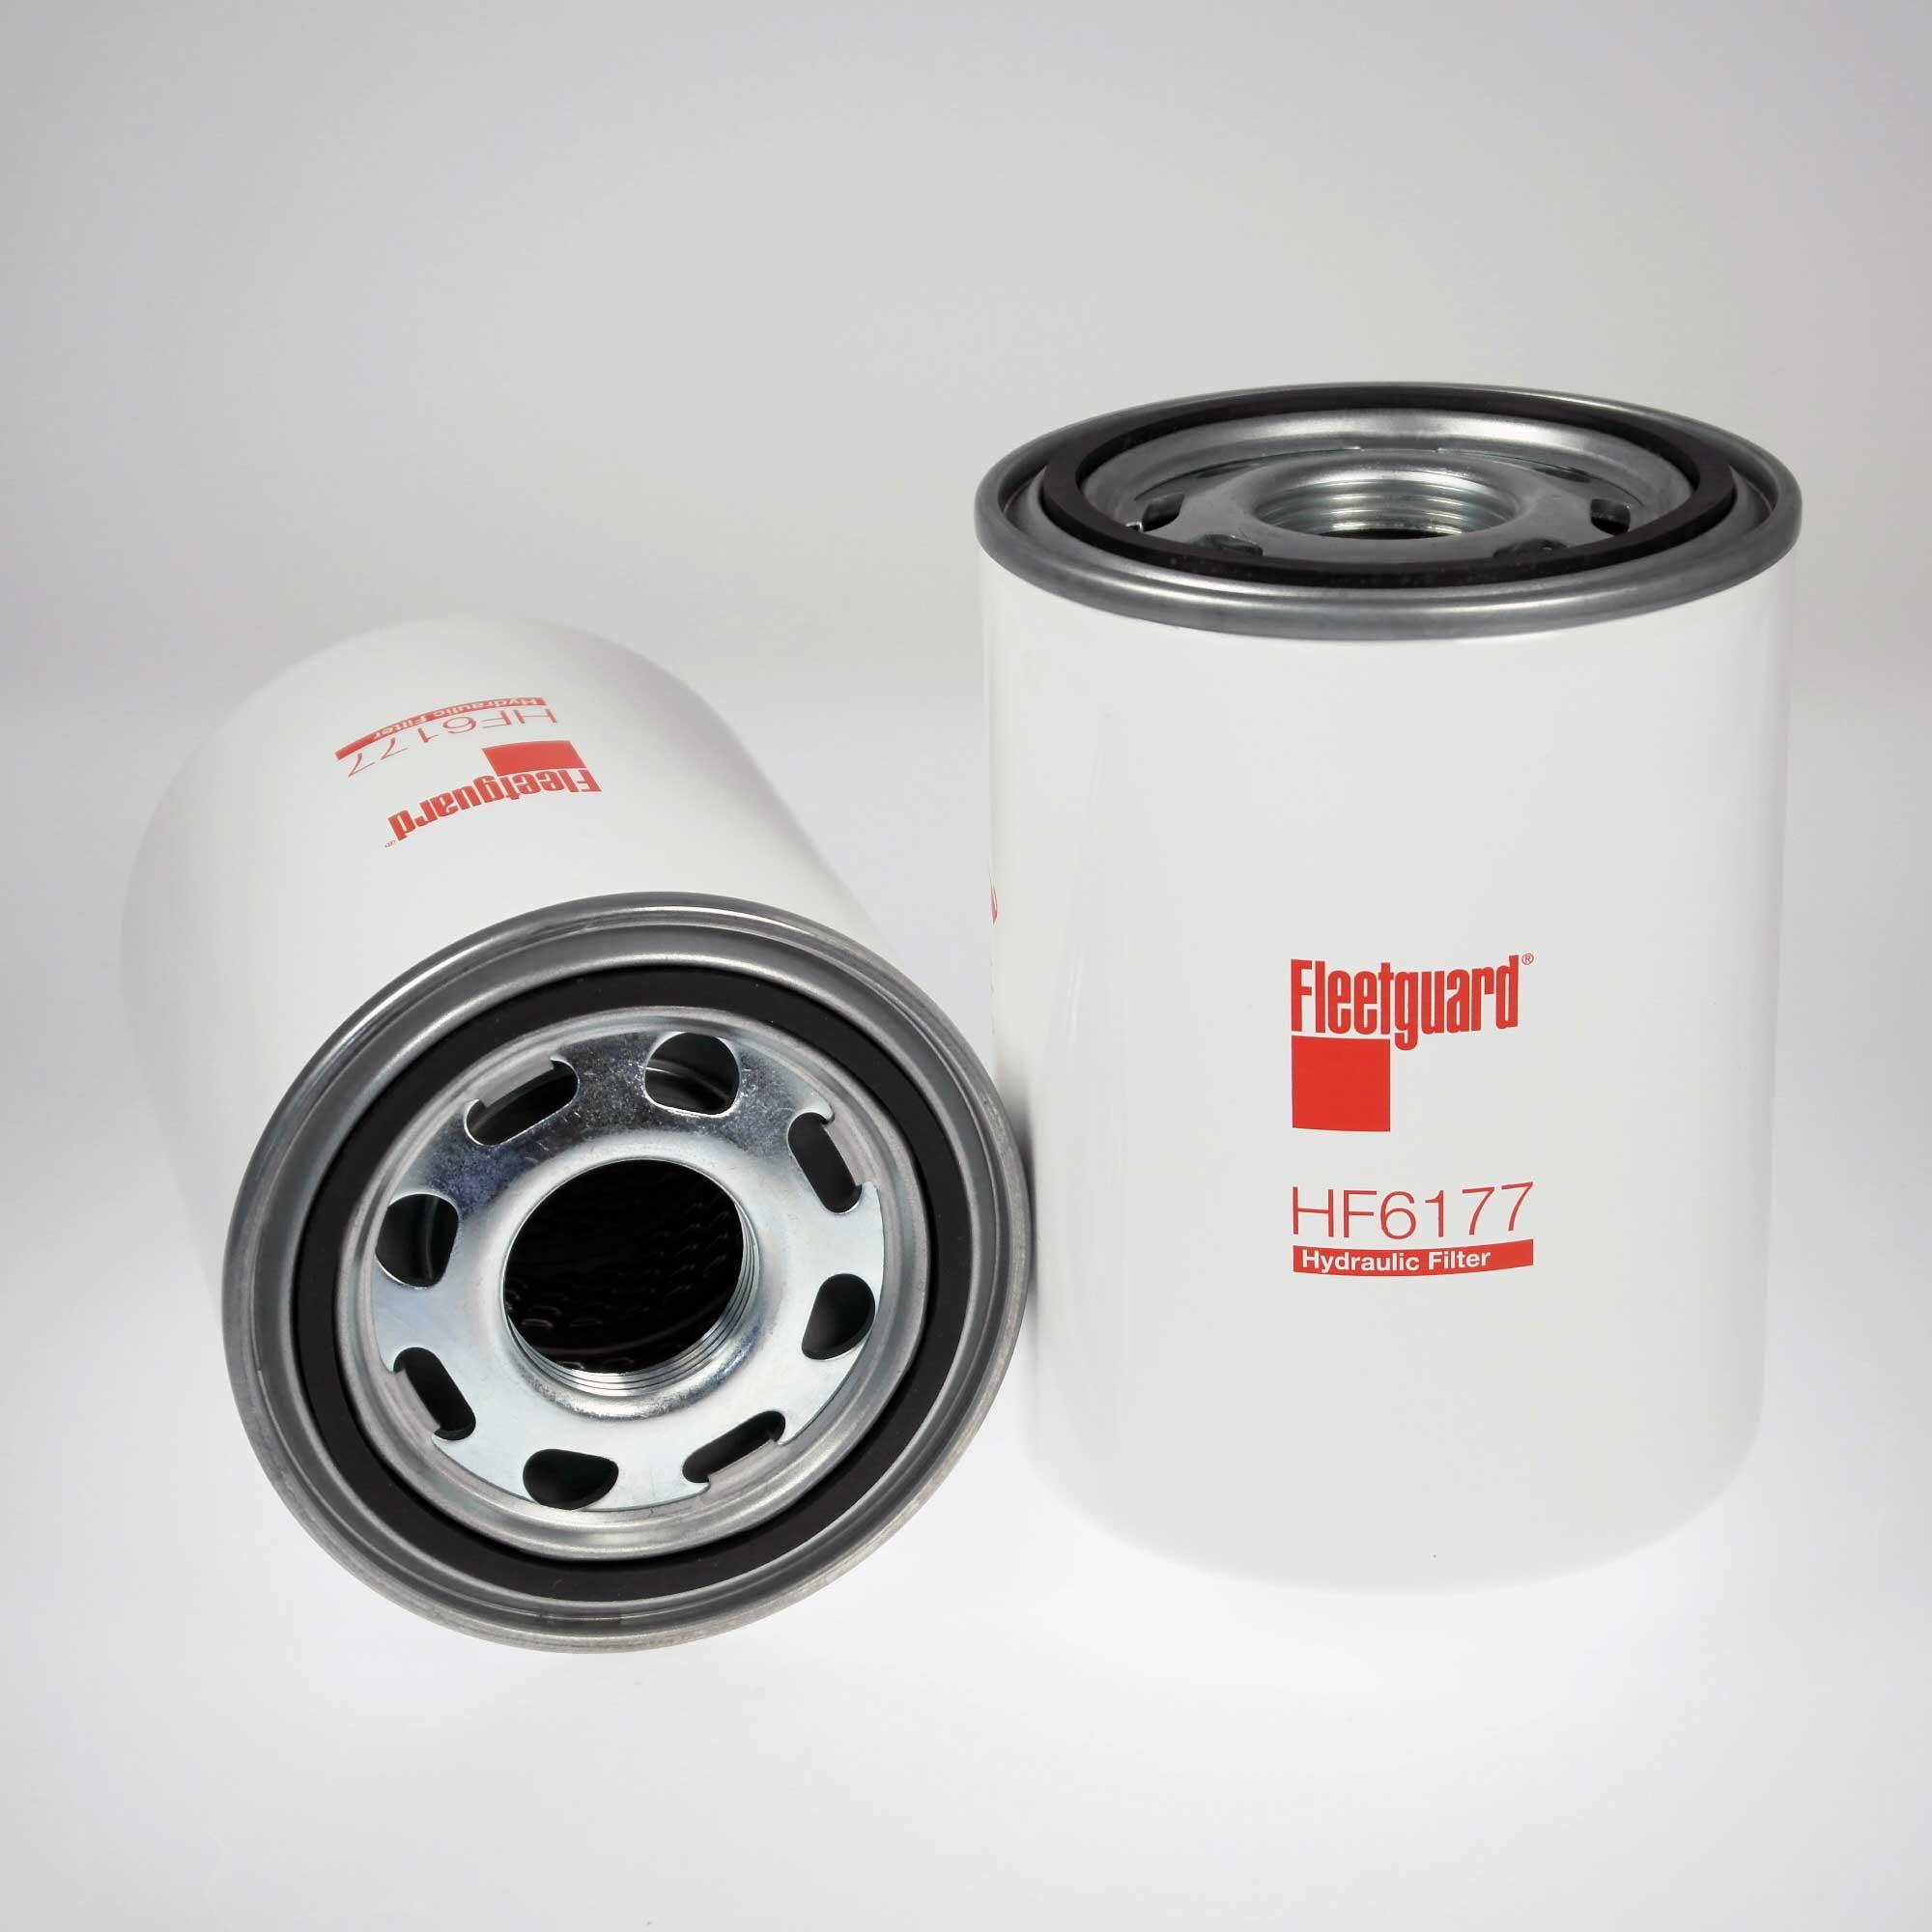 Hydraulikkfilter, varenummer HF6177